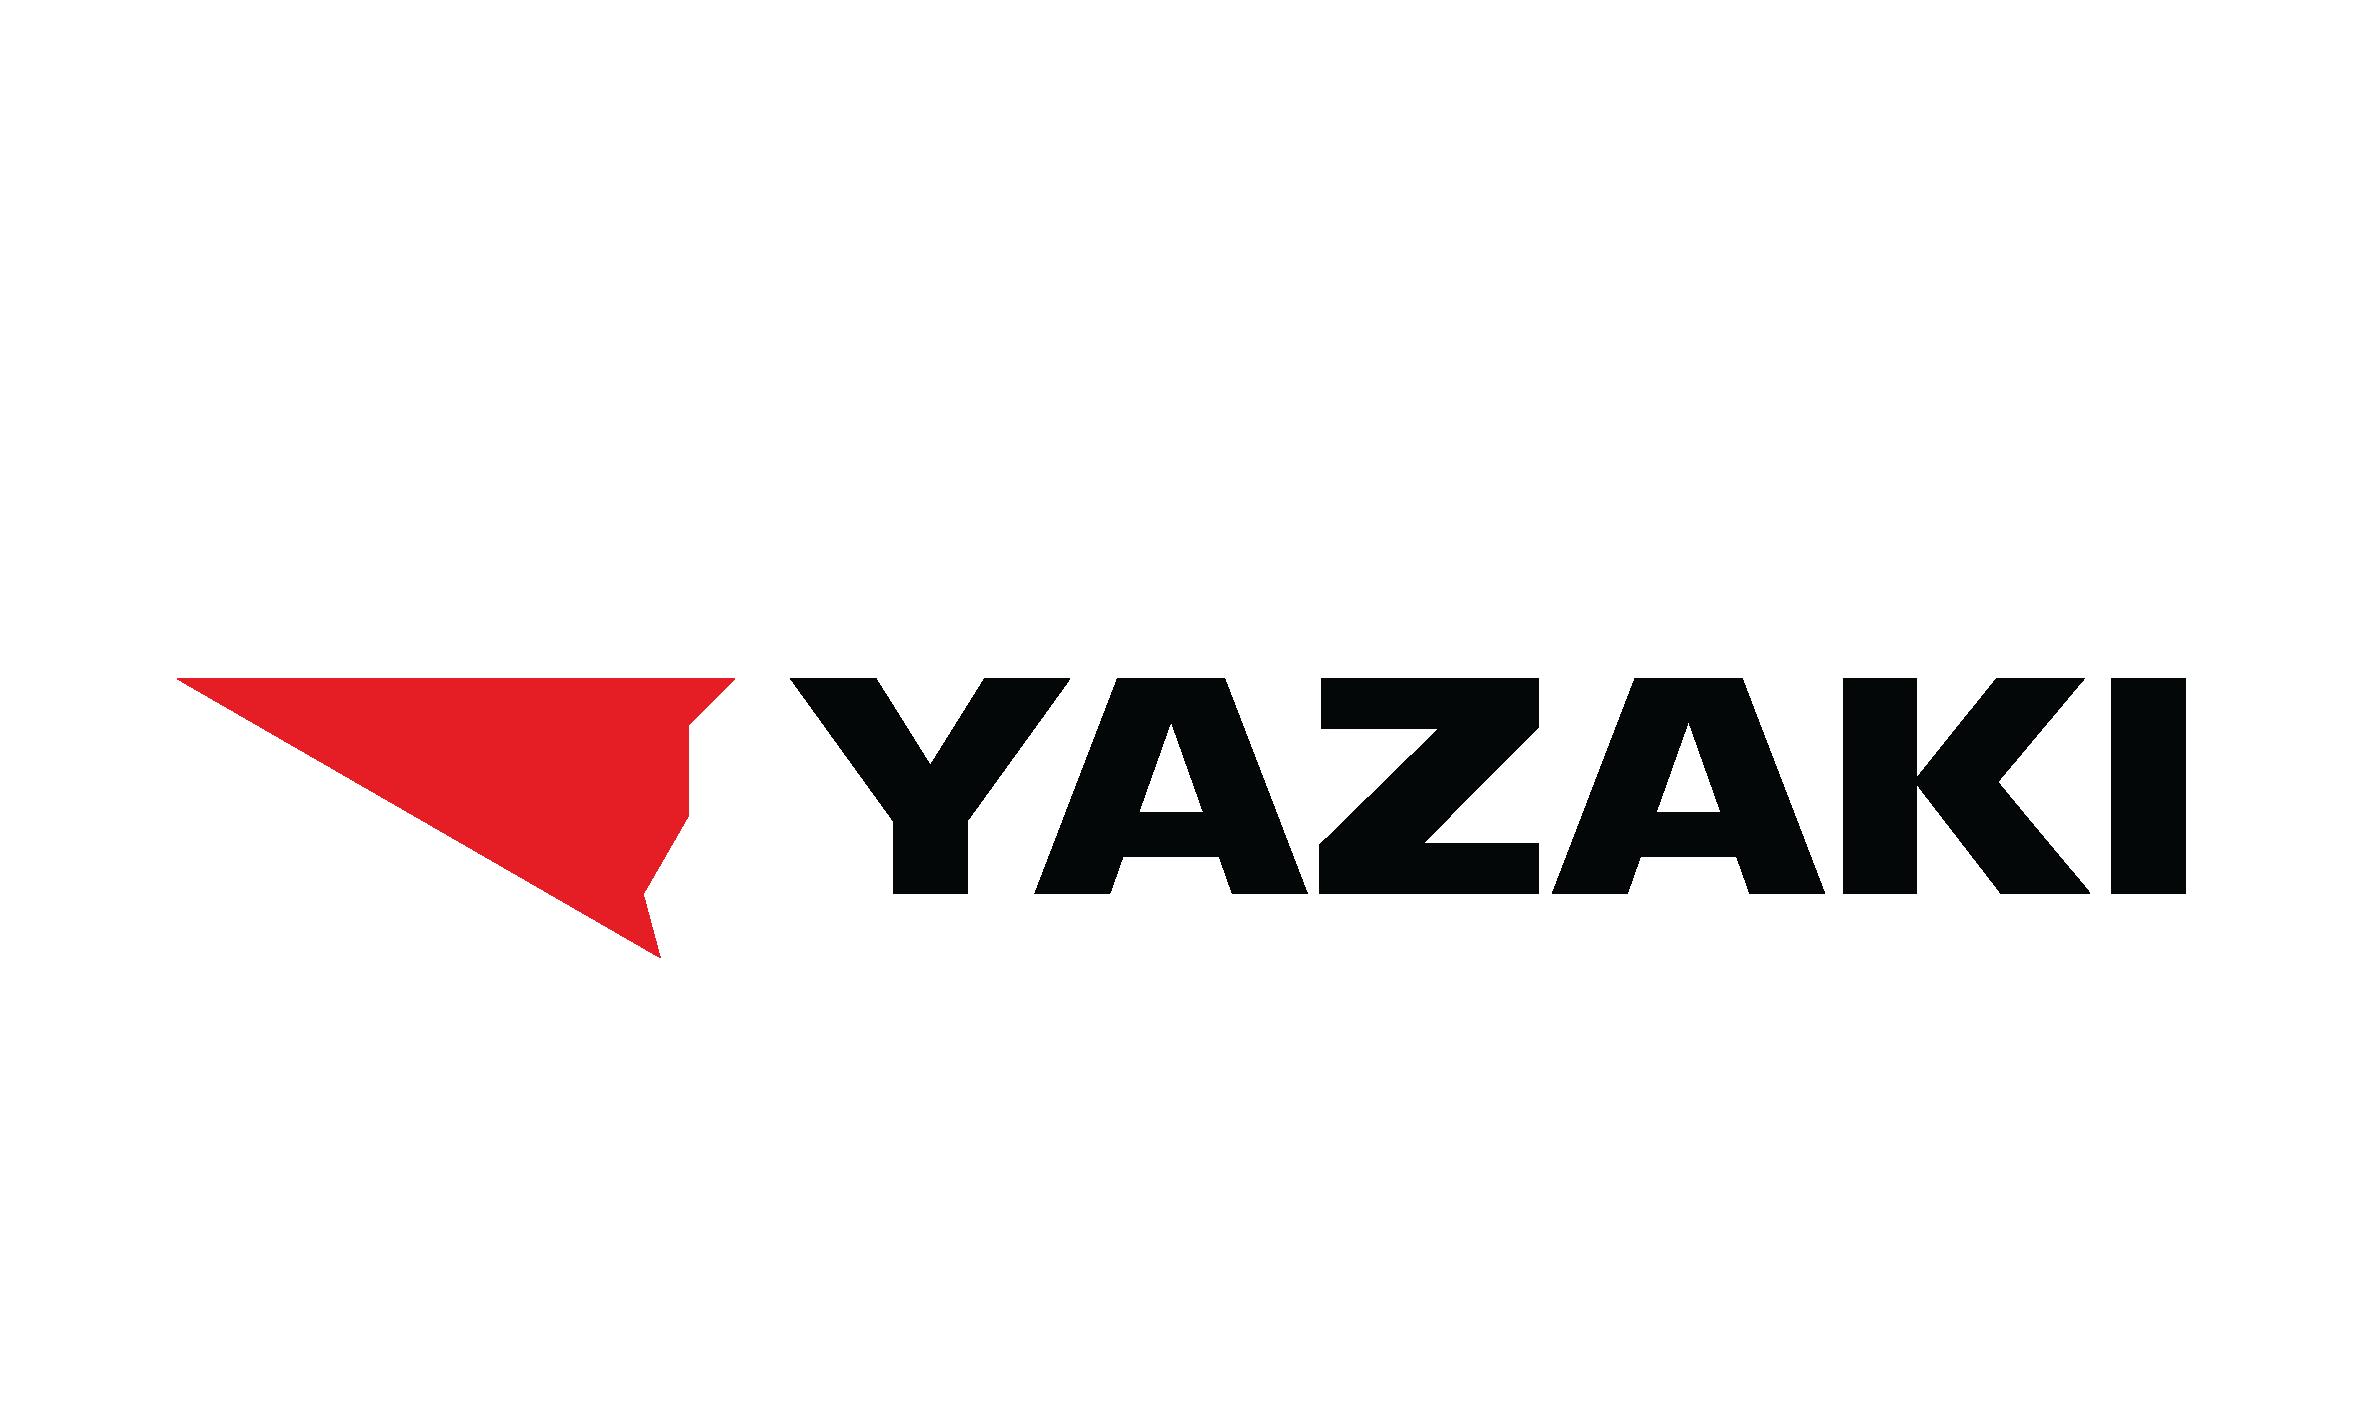 yazaki wiring technologies free economic zone in klaip da rh fez lt yazaki wiring technologies slovakia s.r.o yazaki wiring technologies slovakia s.r.o